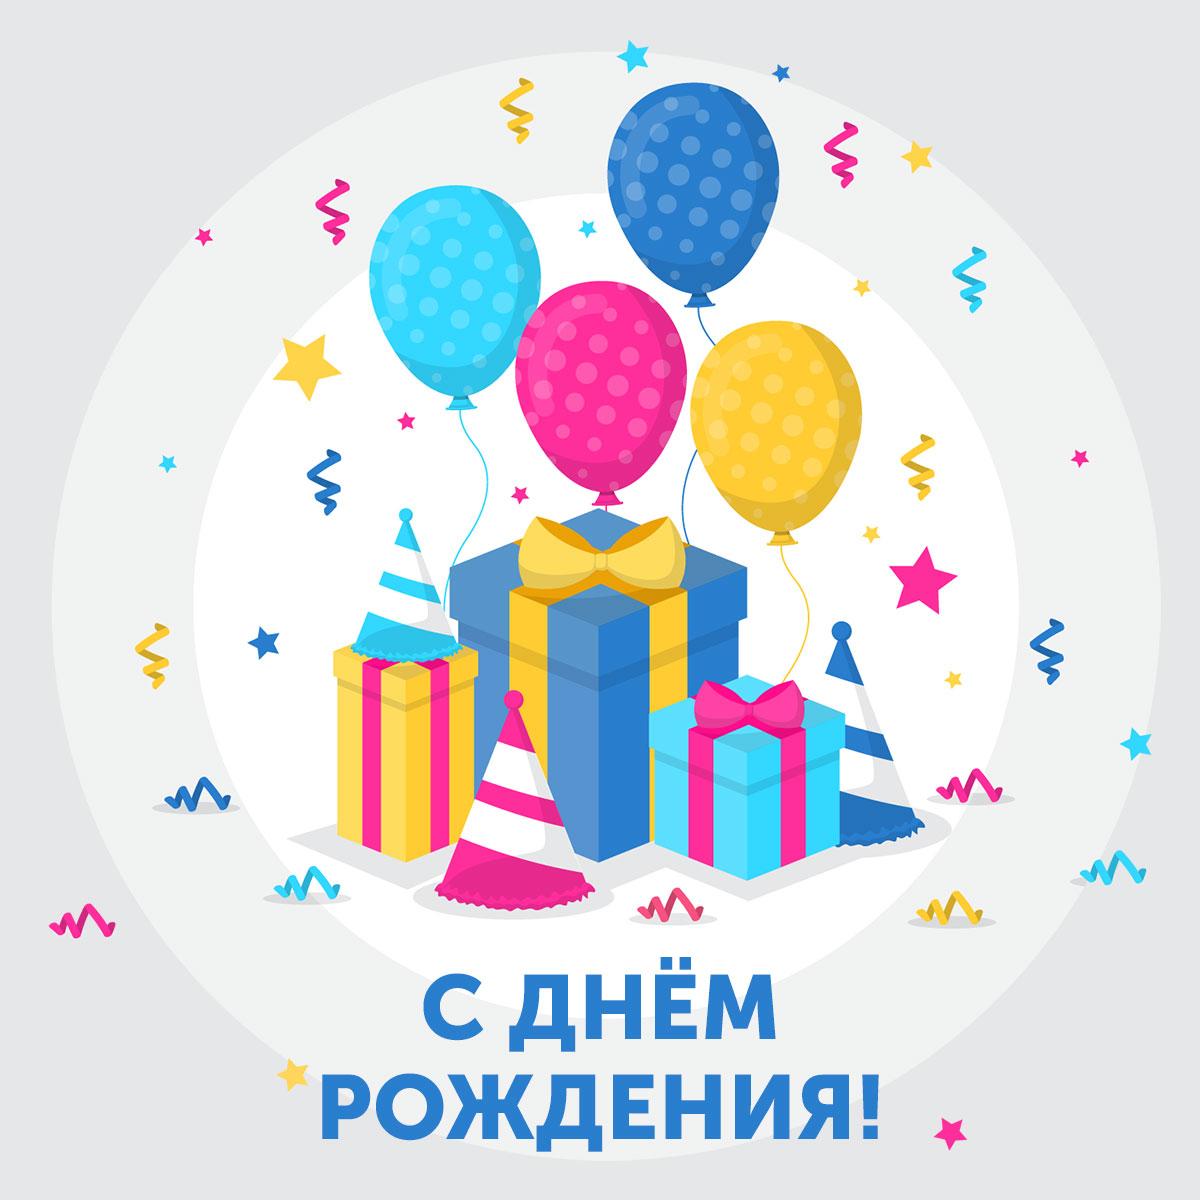 Картинка с текстом - открытка с днем рождения начальнице с воздушными шарами и разноцветными коробками для подарков на фоне с белыми кругами.